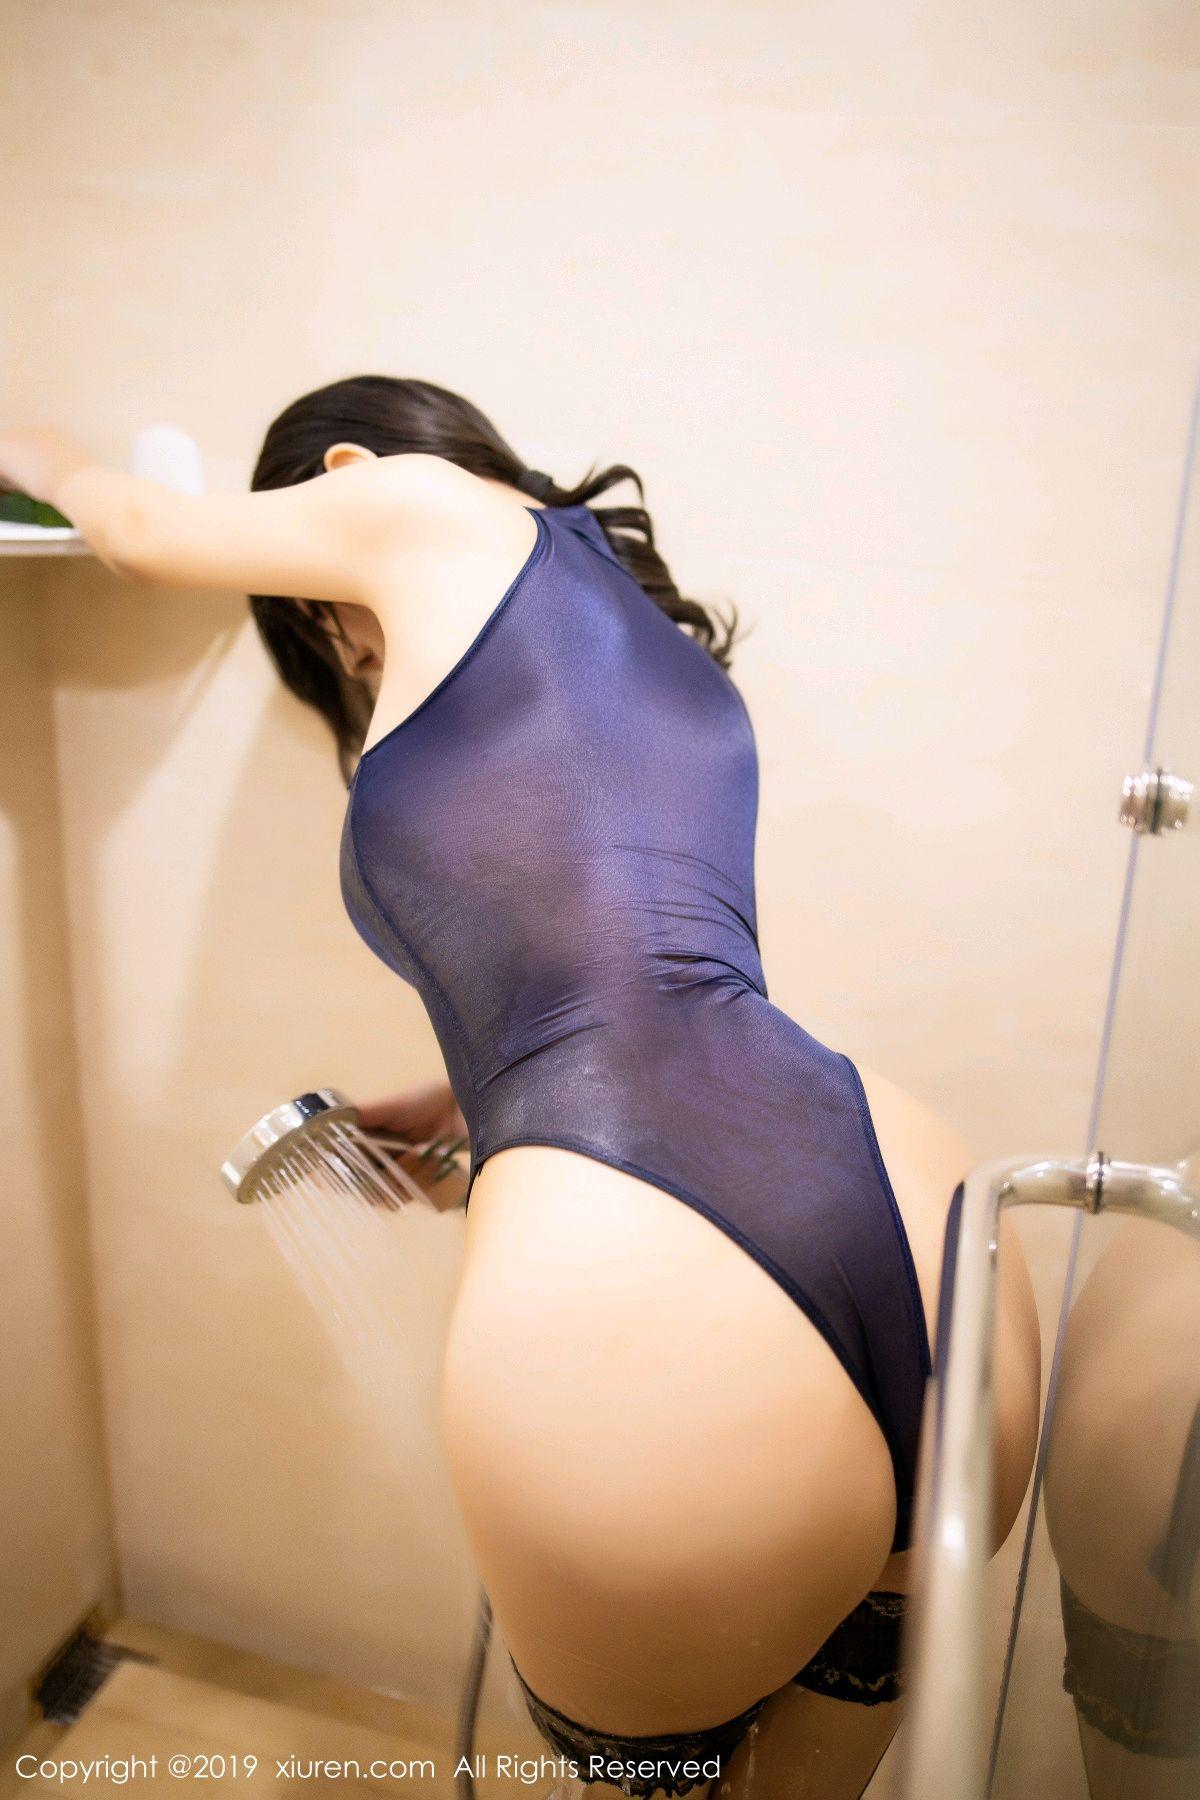 [XiuRen] Vol.1797 Yang Chen Chen 39P, Adult, Bathroom, Wet, Xiuren, Yang Chen Chen